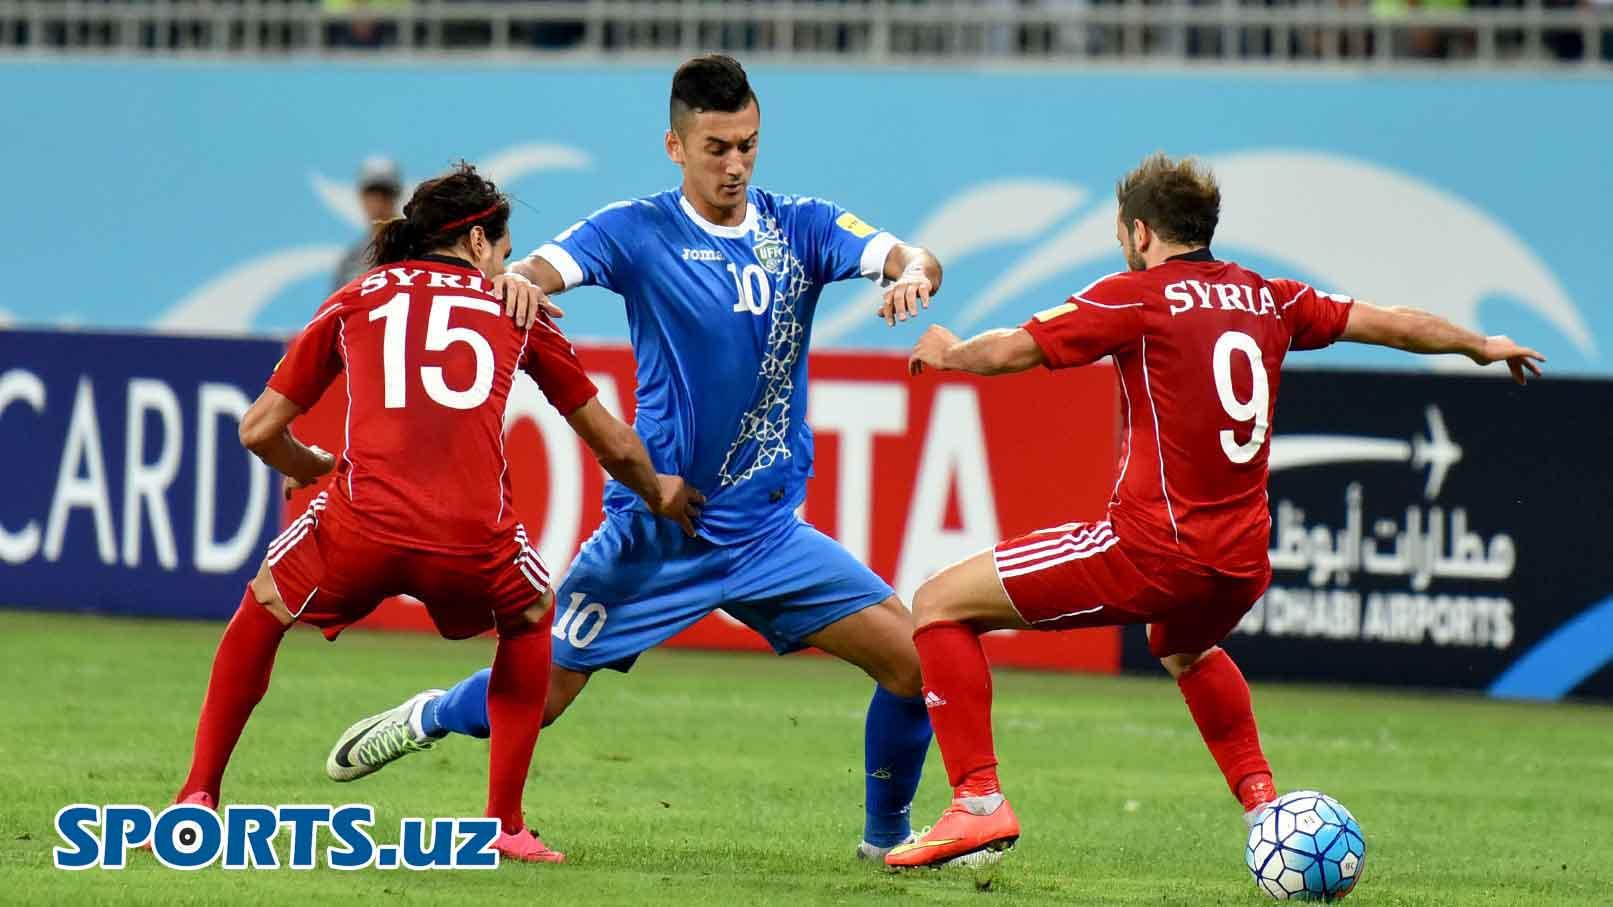 Sardor-Rashidov (1) (1)